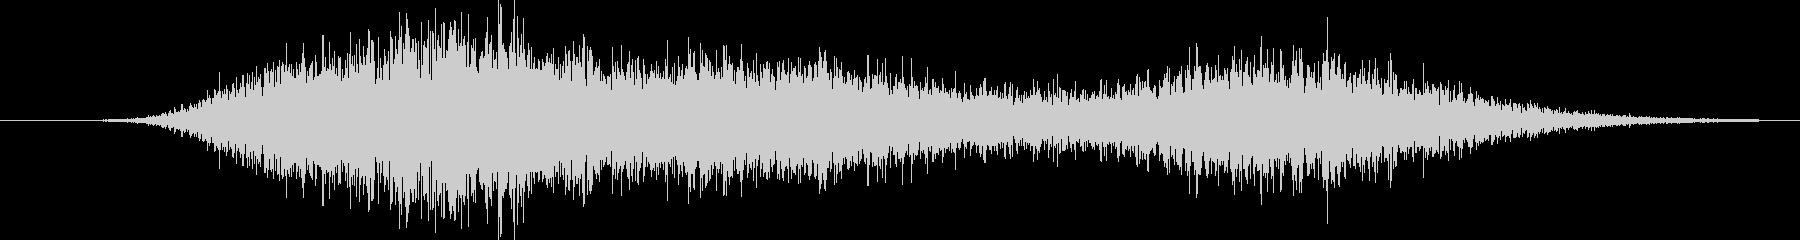 ドラマチックラッシングメタルウーッシュの未再生の波形